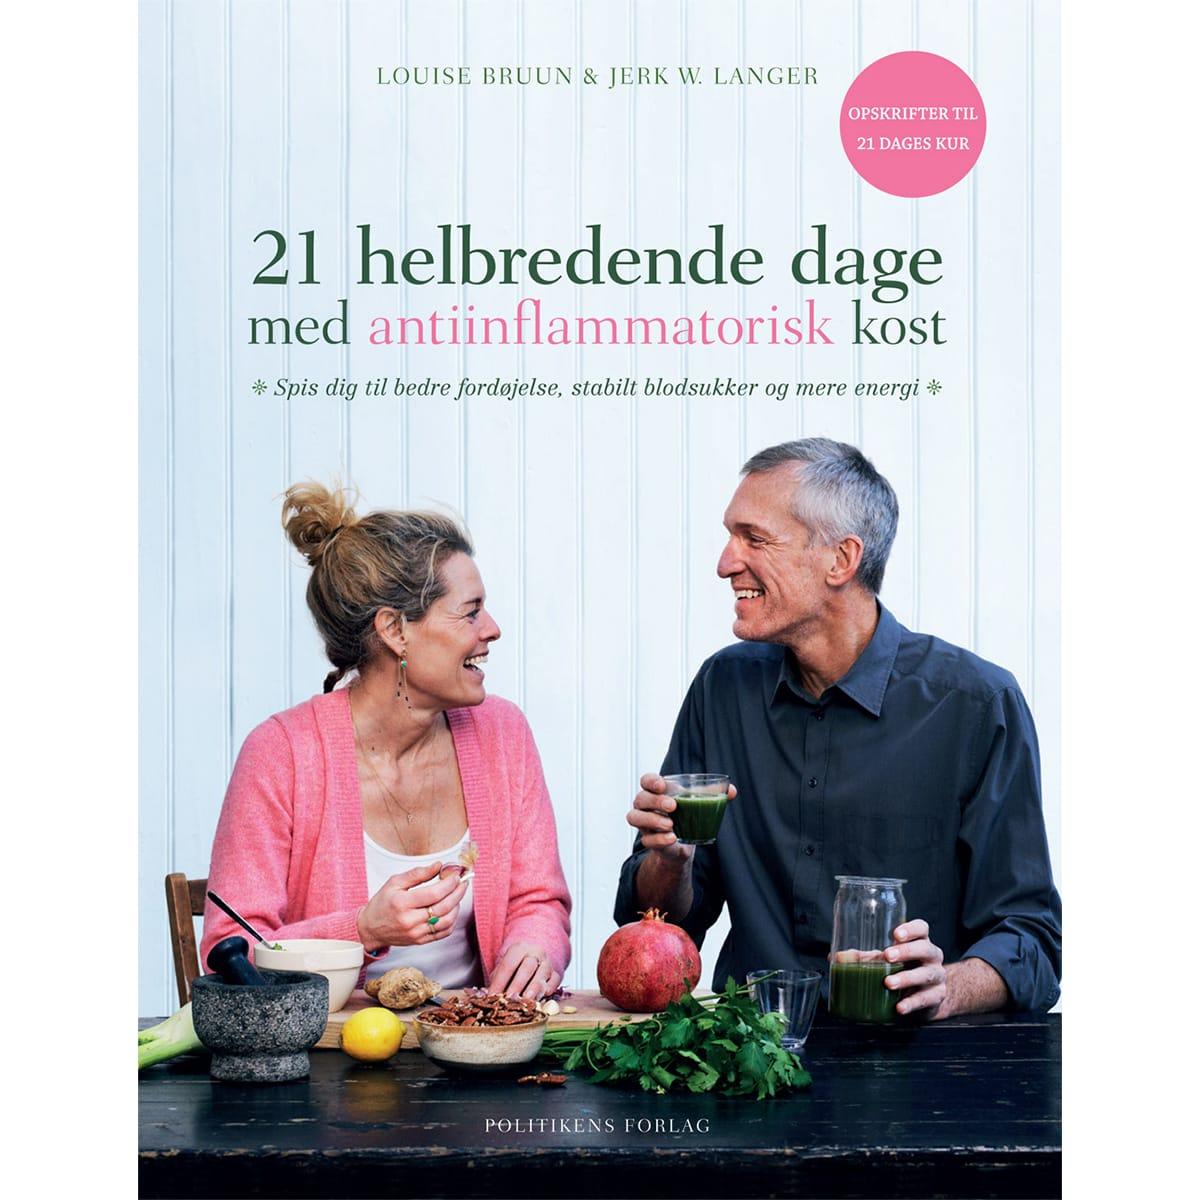 Af Jerk W. Langer & Louise Bruun